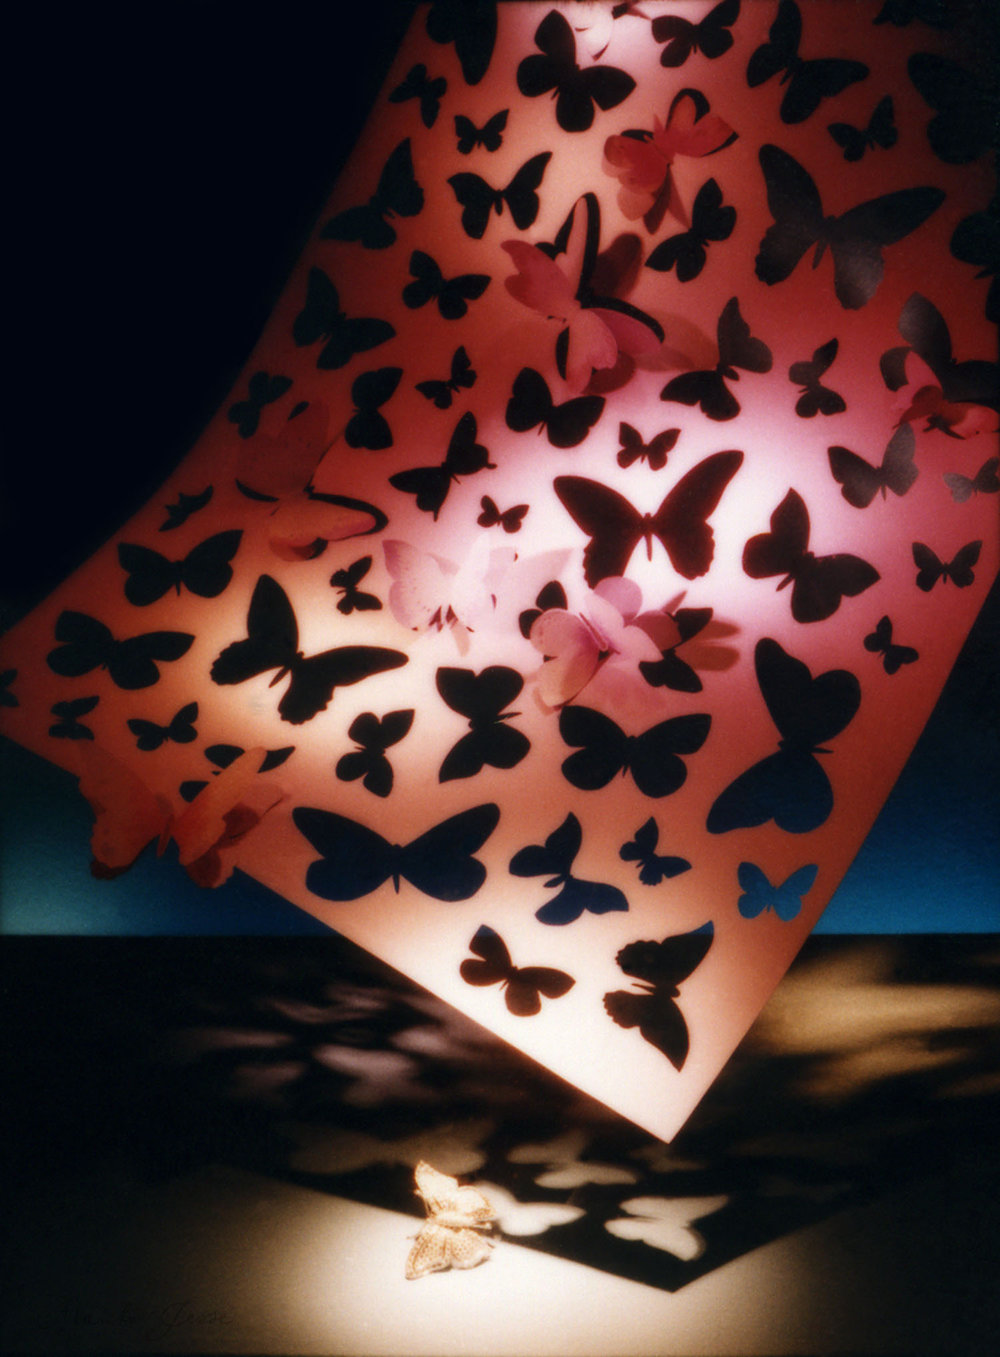 Tiffany & Co window display